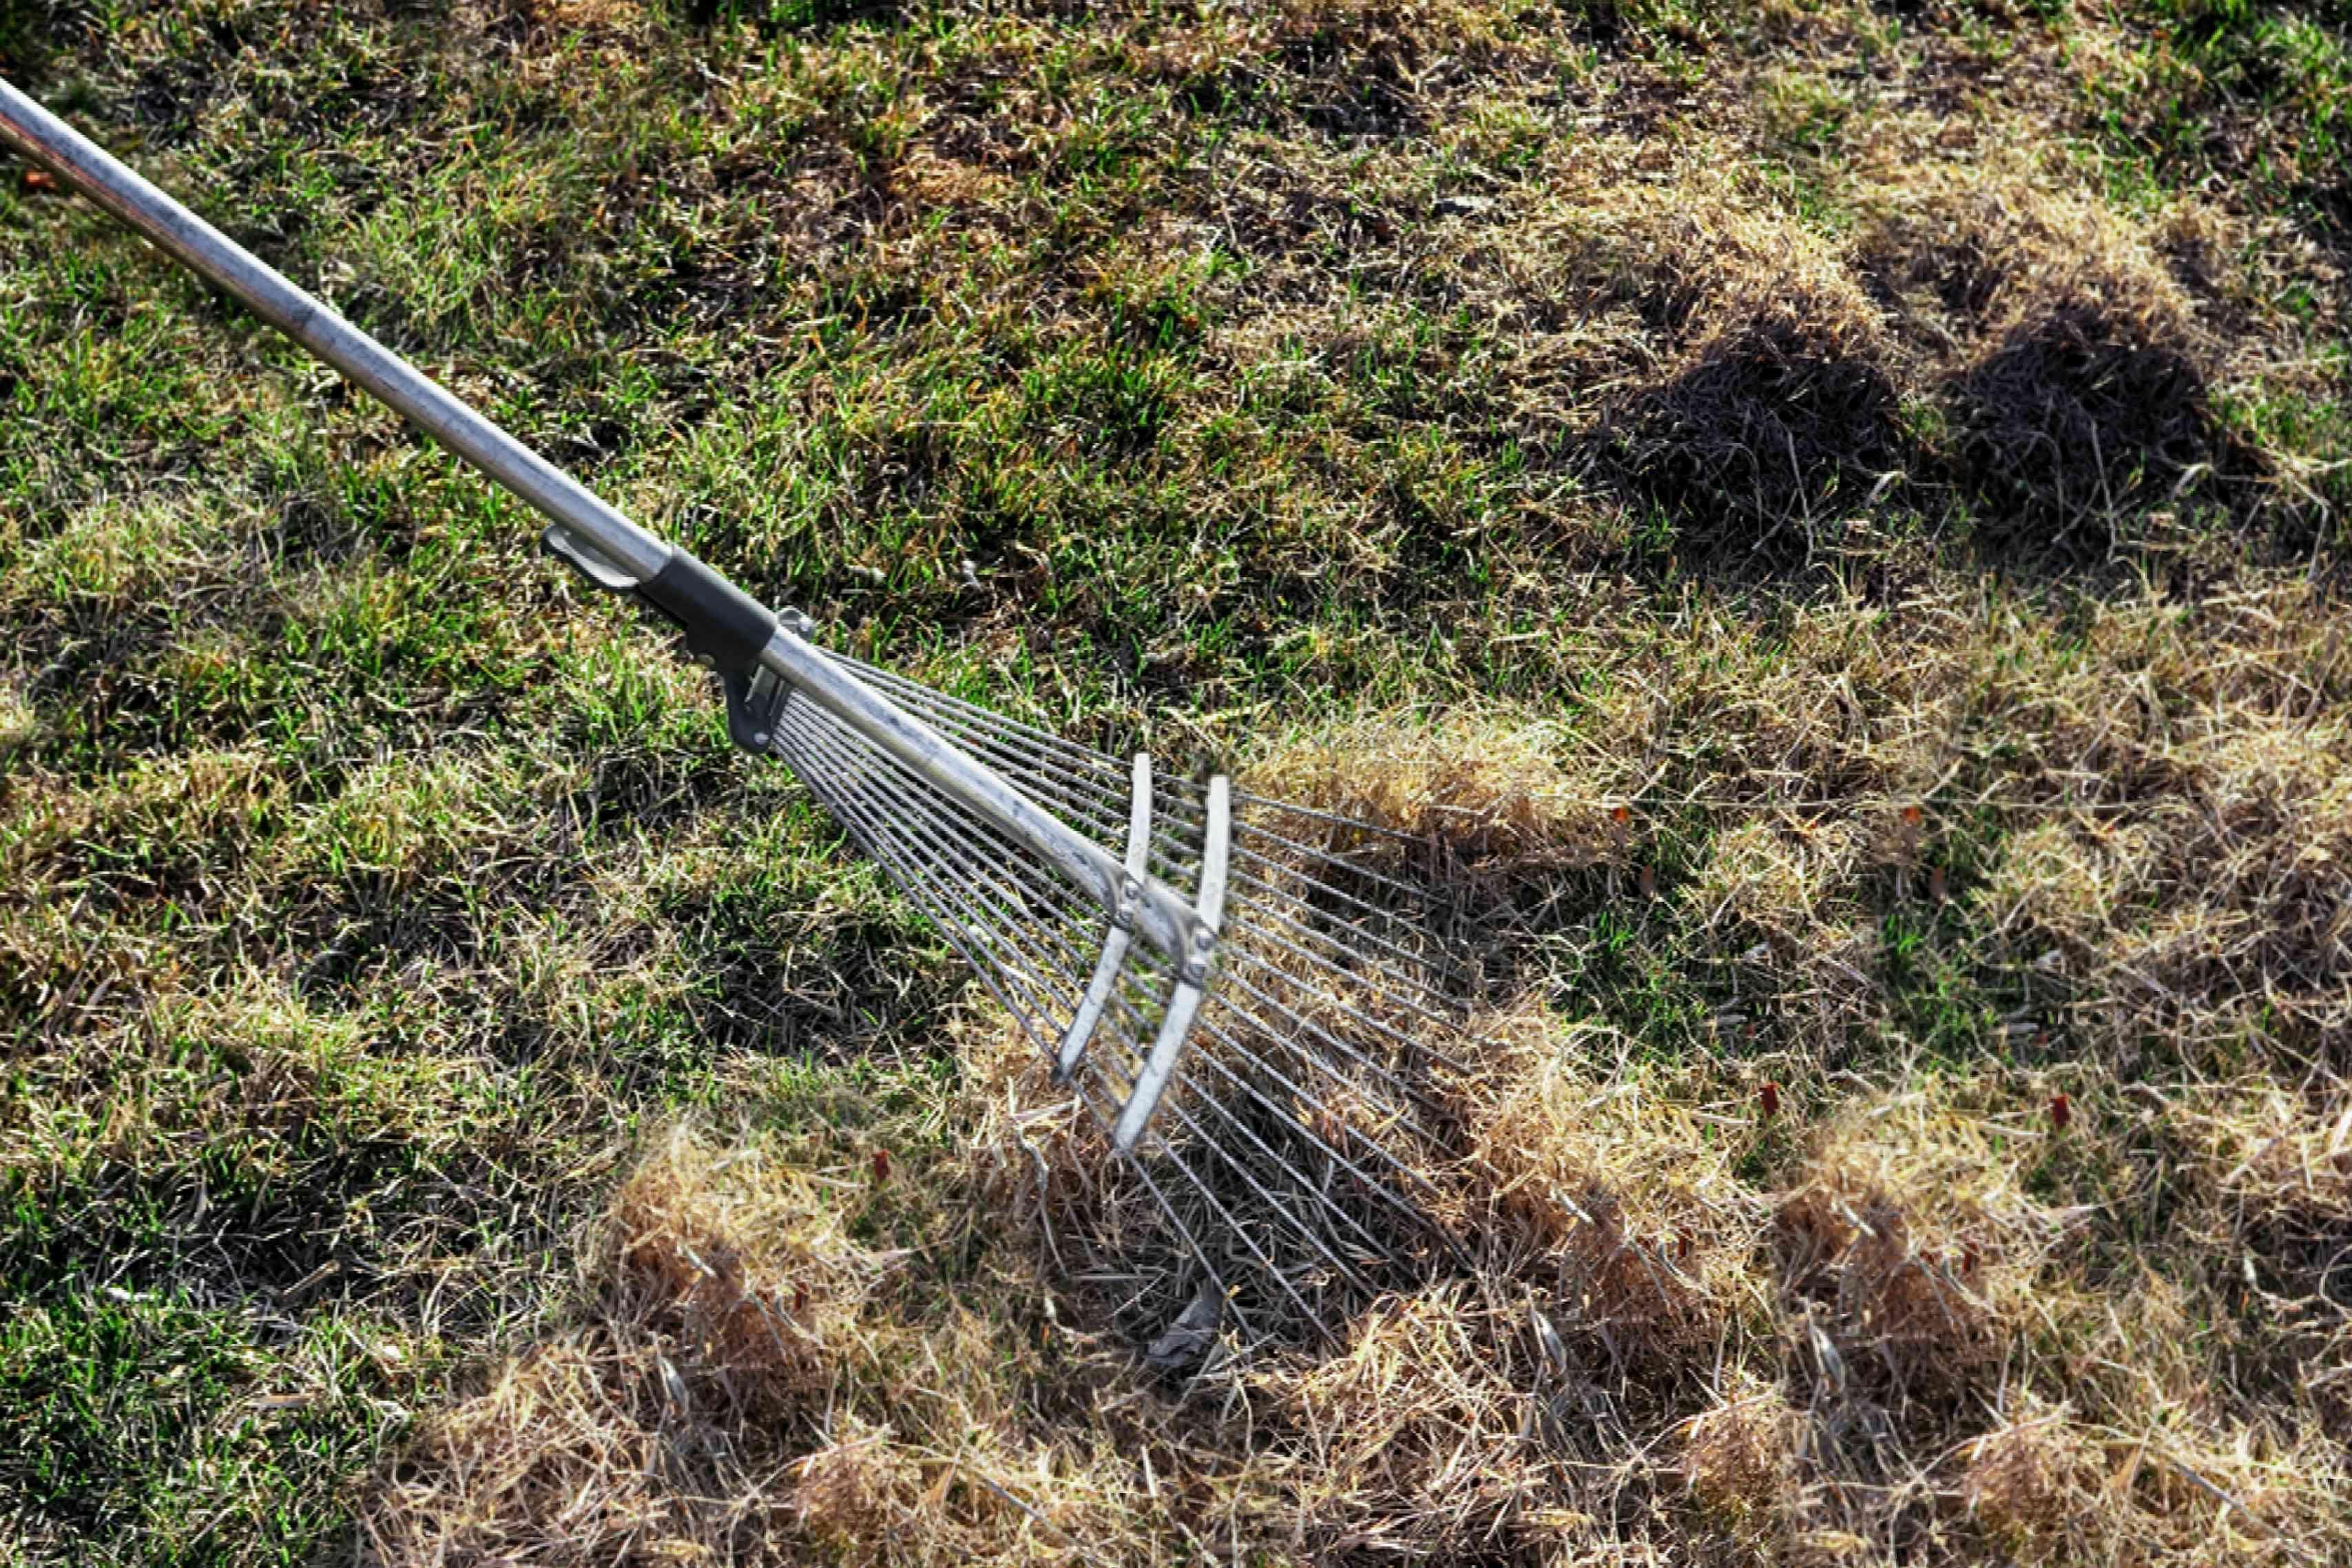 raking dead grass